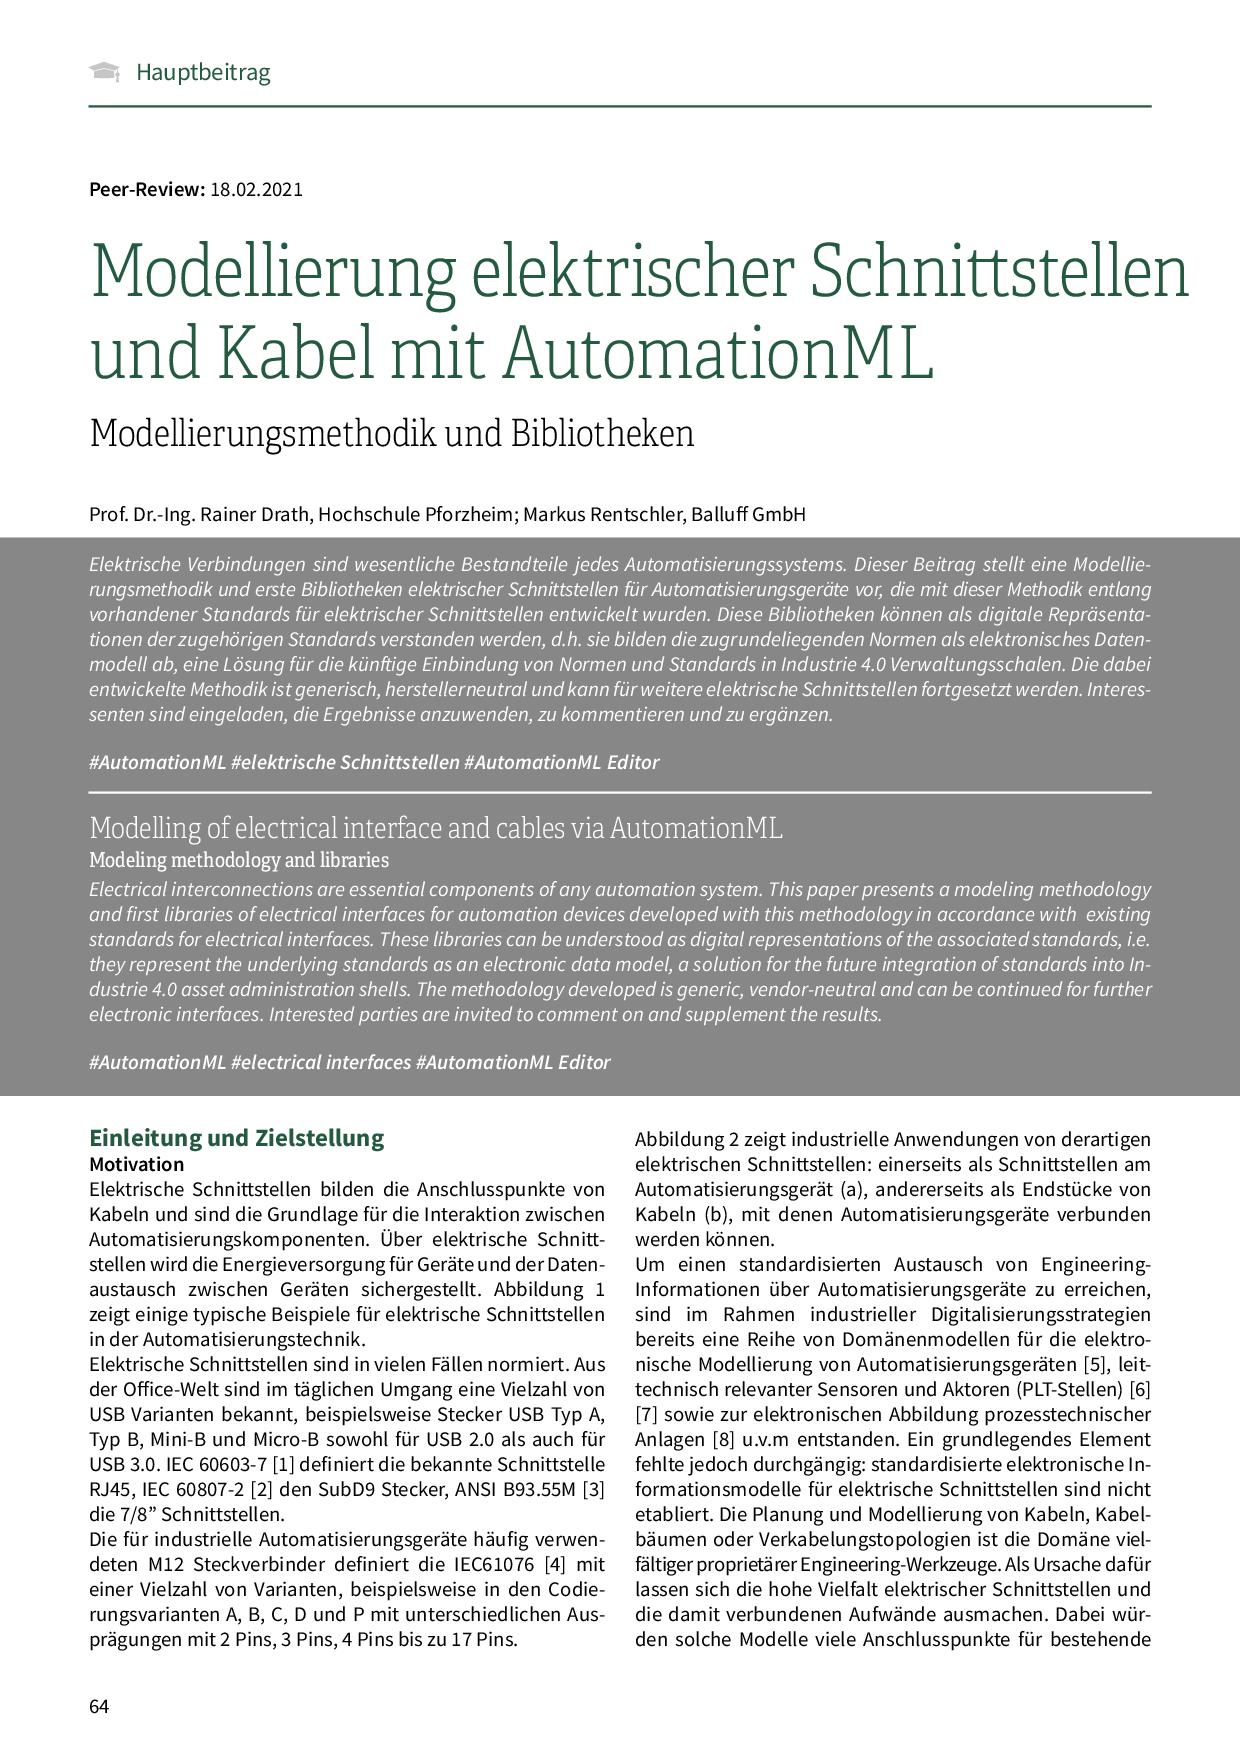 Modellierung elektrischer Schnittstellen und Kabel mit AutomationML